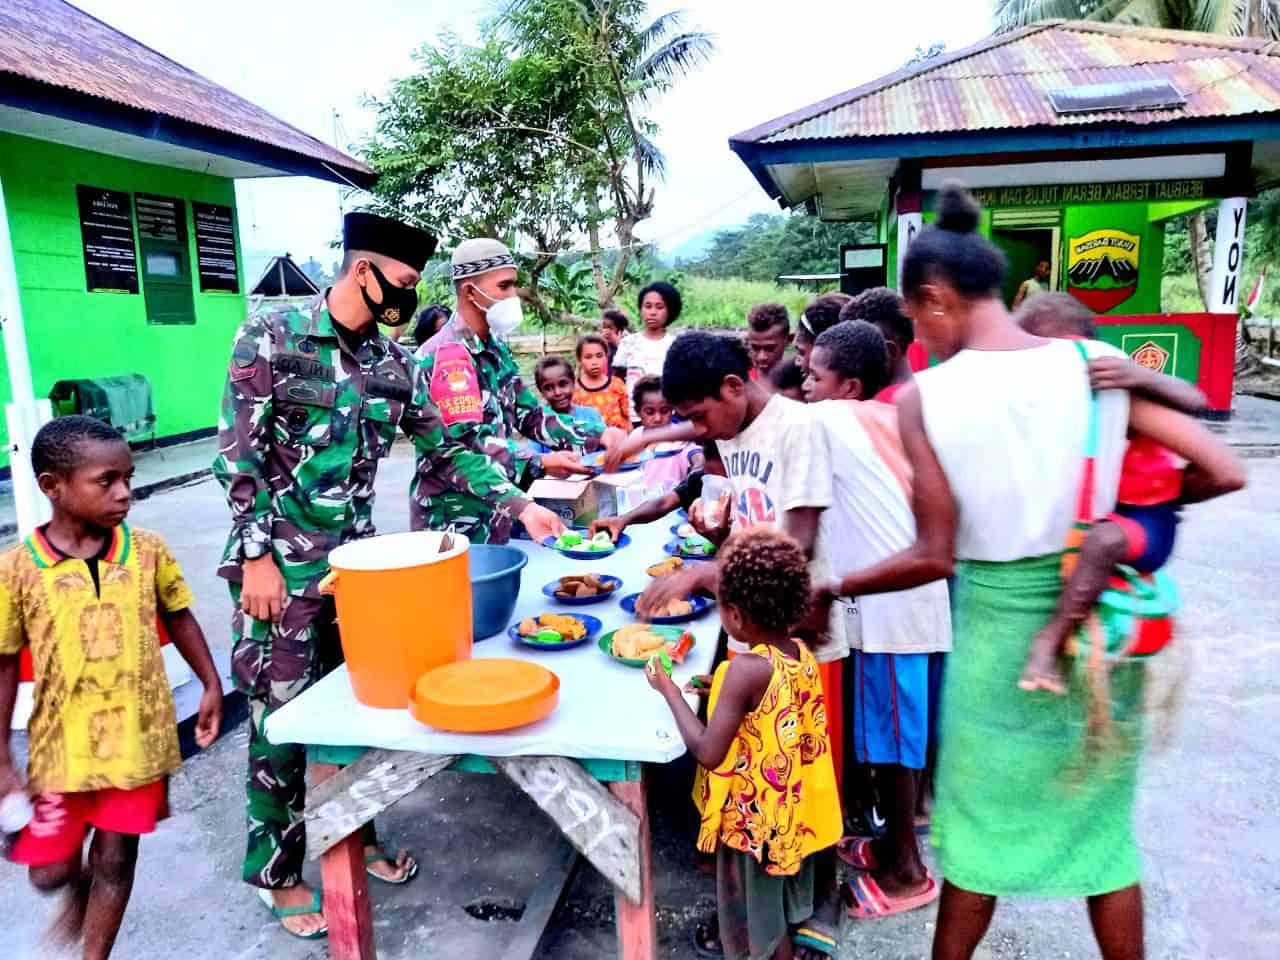 Jumat Berkah, Satgas Yonif 131 Berbagi Makanan Bergizi Untuk Anak-anak Papua